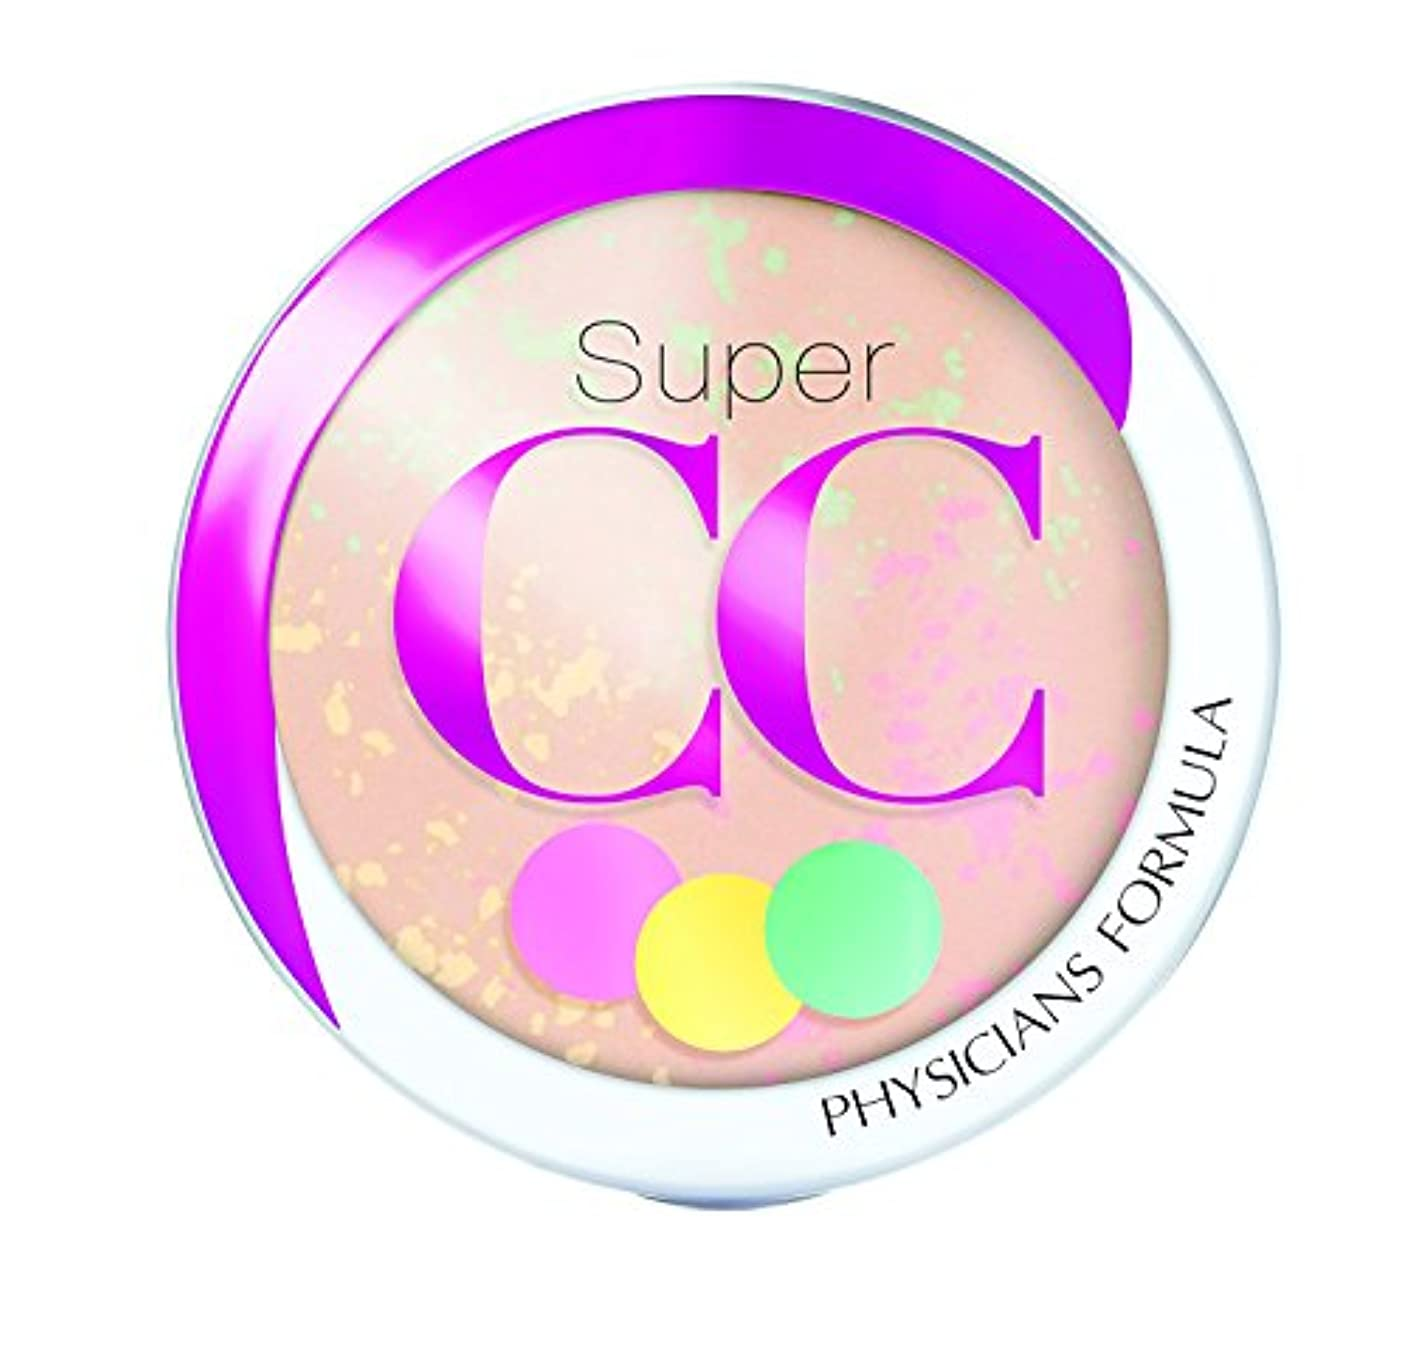 小人捧げる作りますPHYSICIANS FORMULA Super CC+ Color-Correction + Care CC+ Powder SPF 30 - Light/Medium